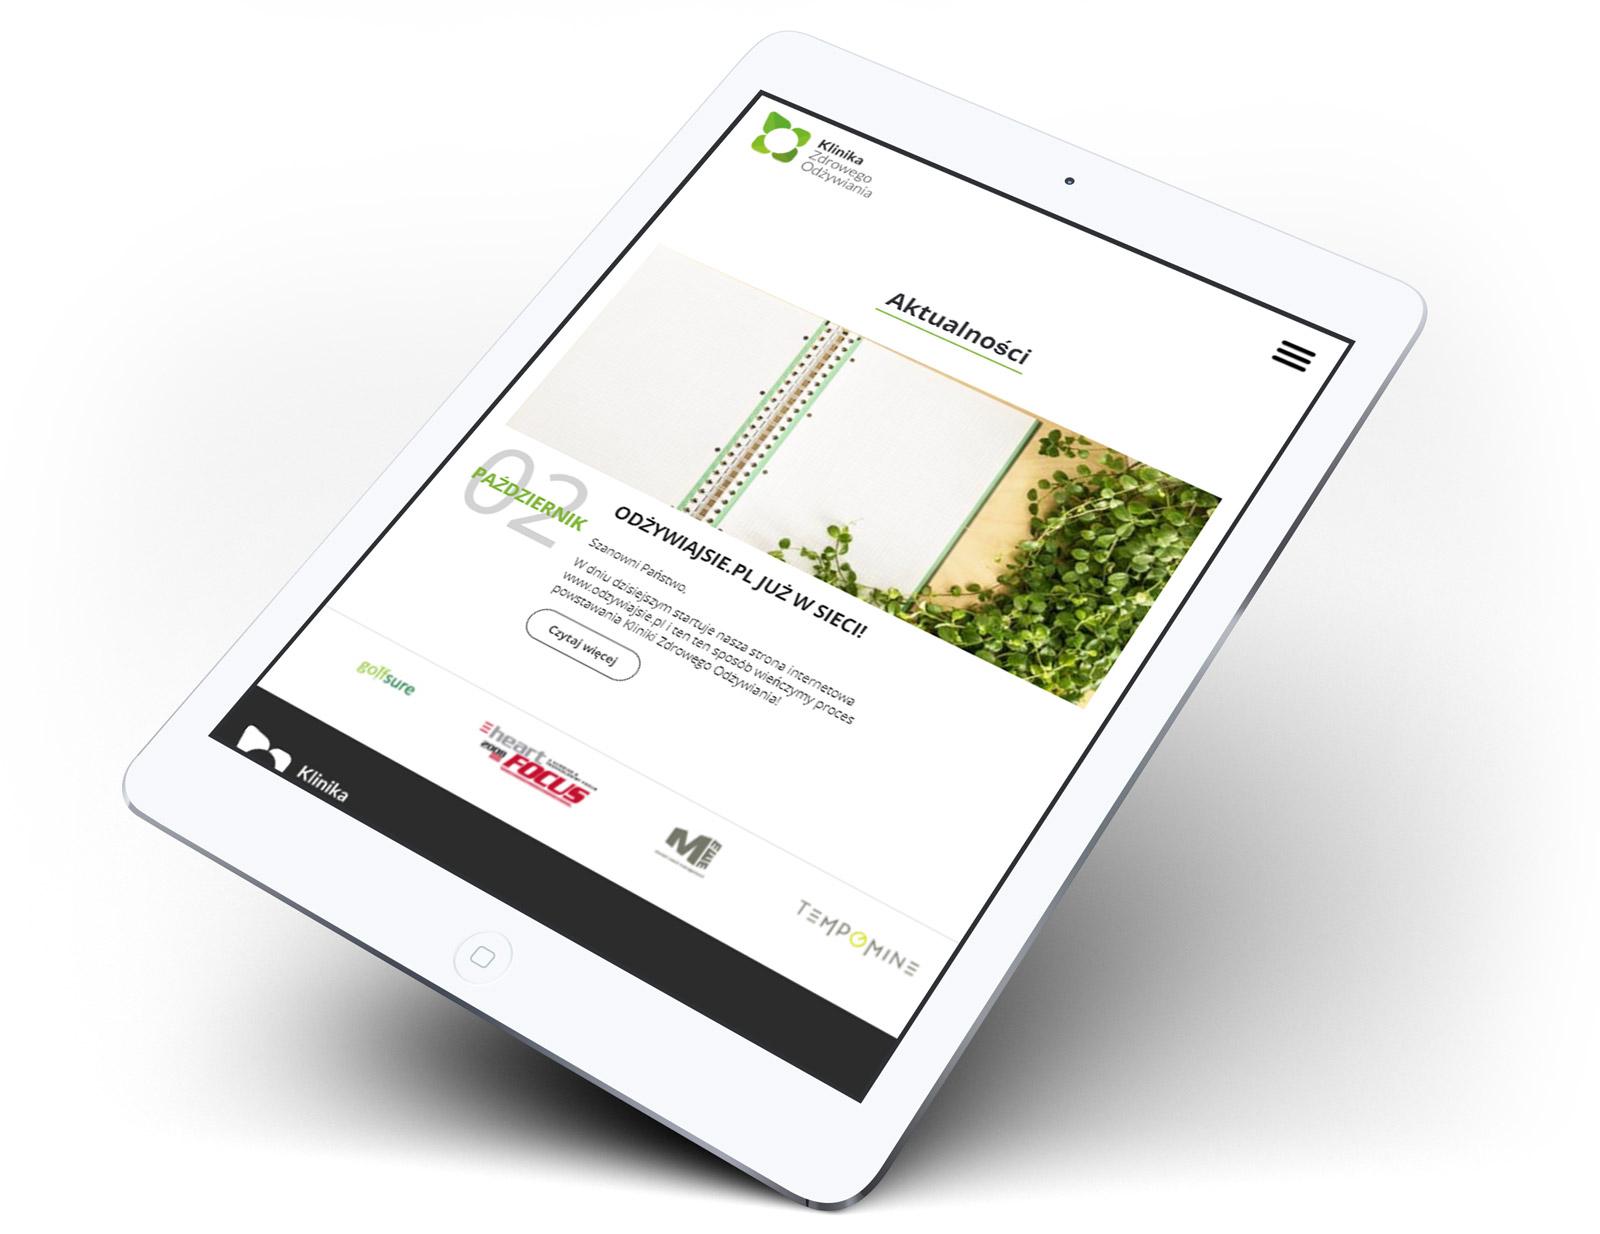 Klinika Zdrowego Odżywiania - strona www na tablecie